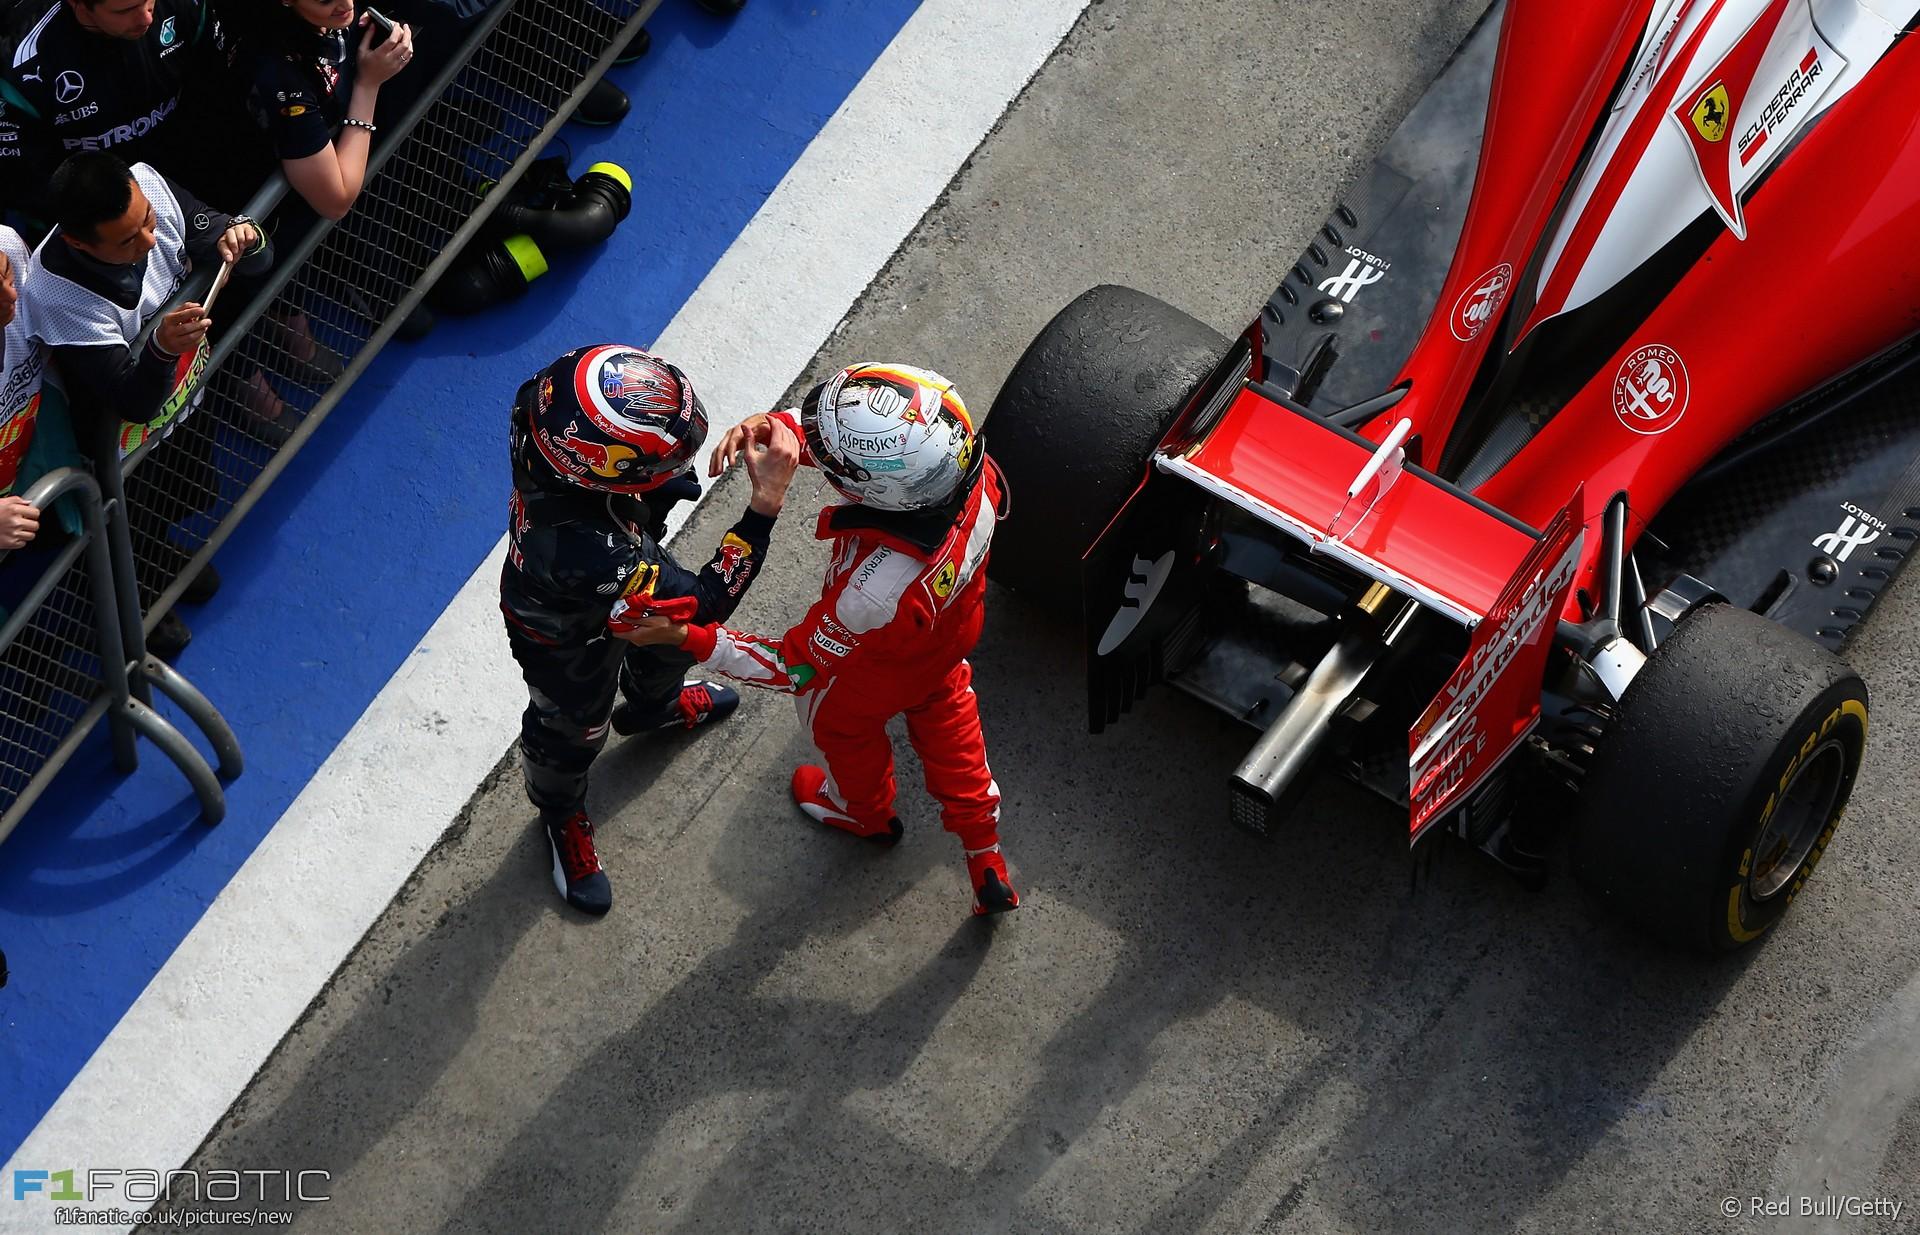 Daniil Kvyat, Sebastian Vettel, Shanghai International Circuit, 2016